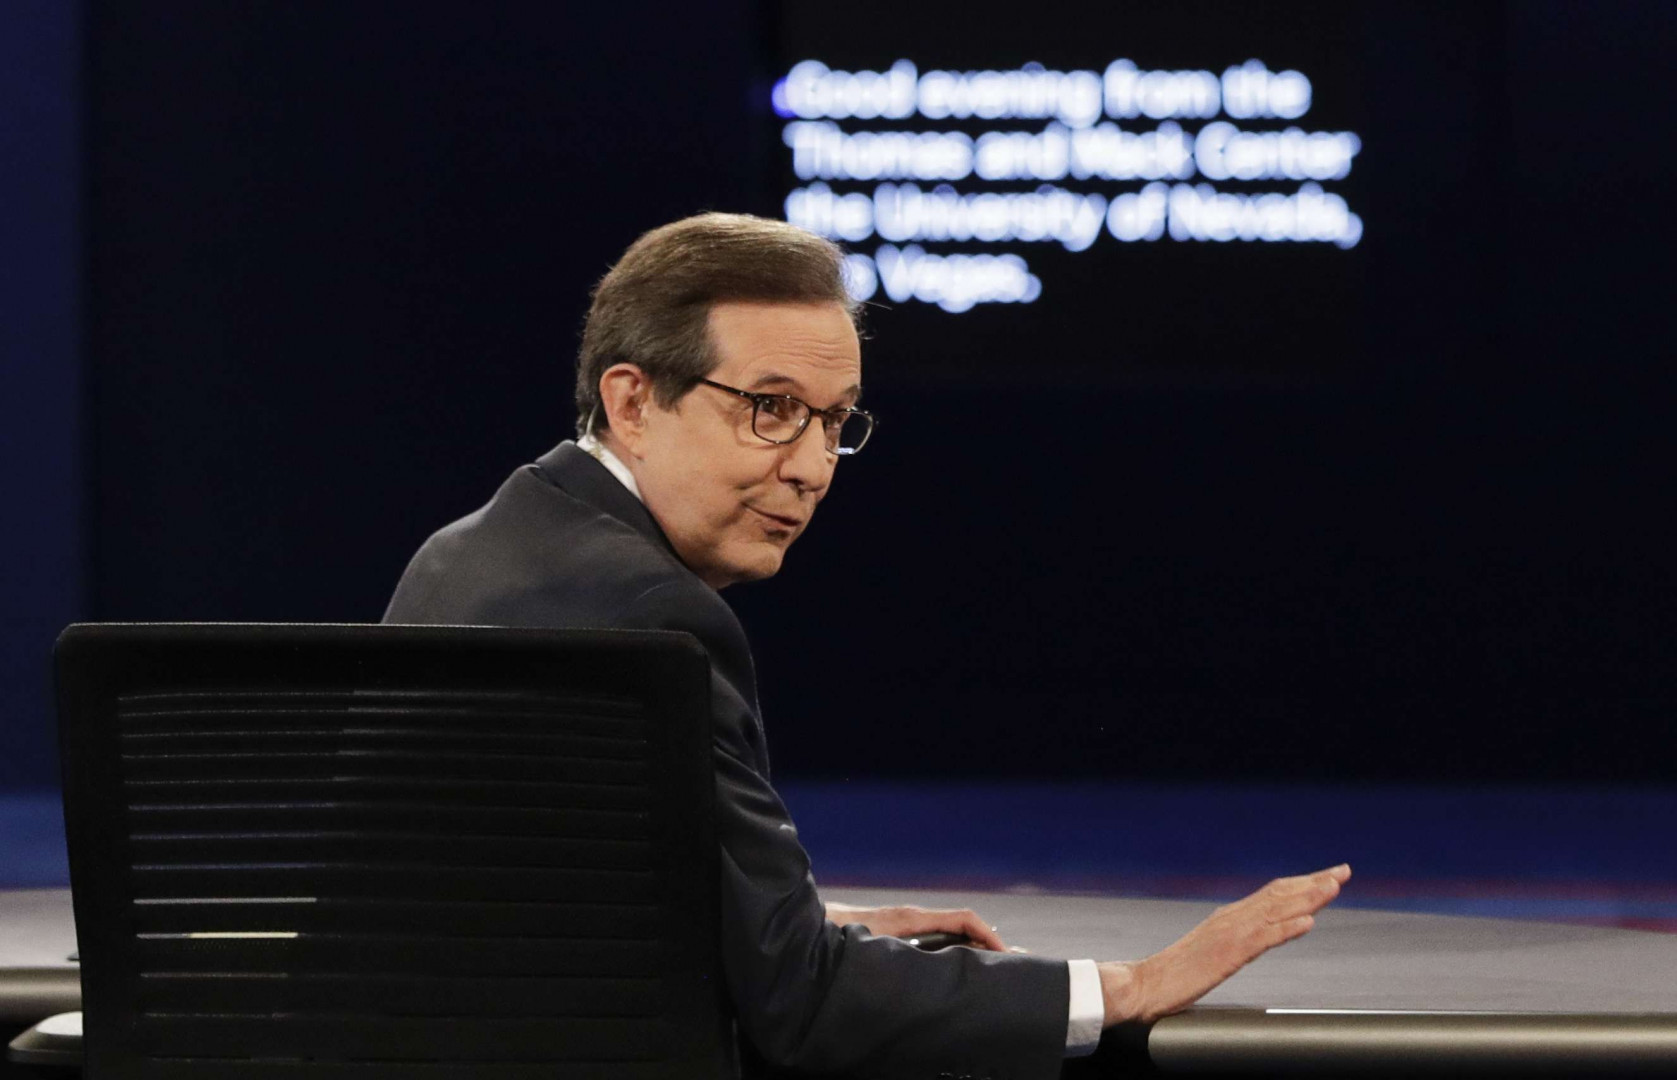 Le modérateur du débat Chris Wallace